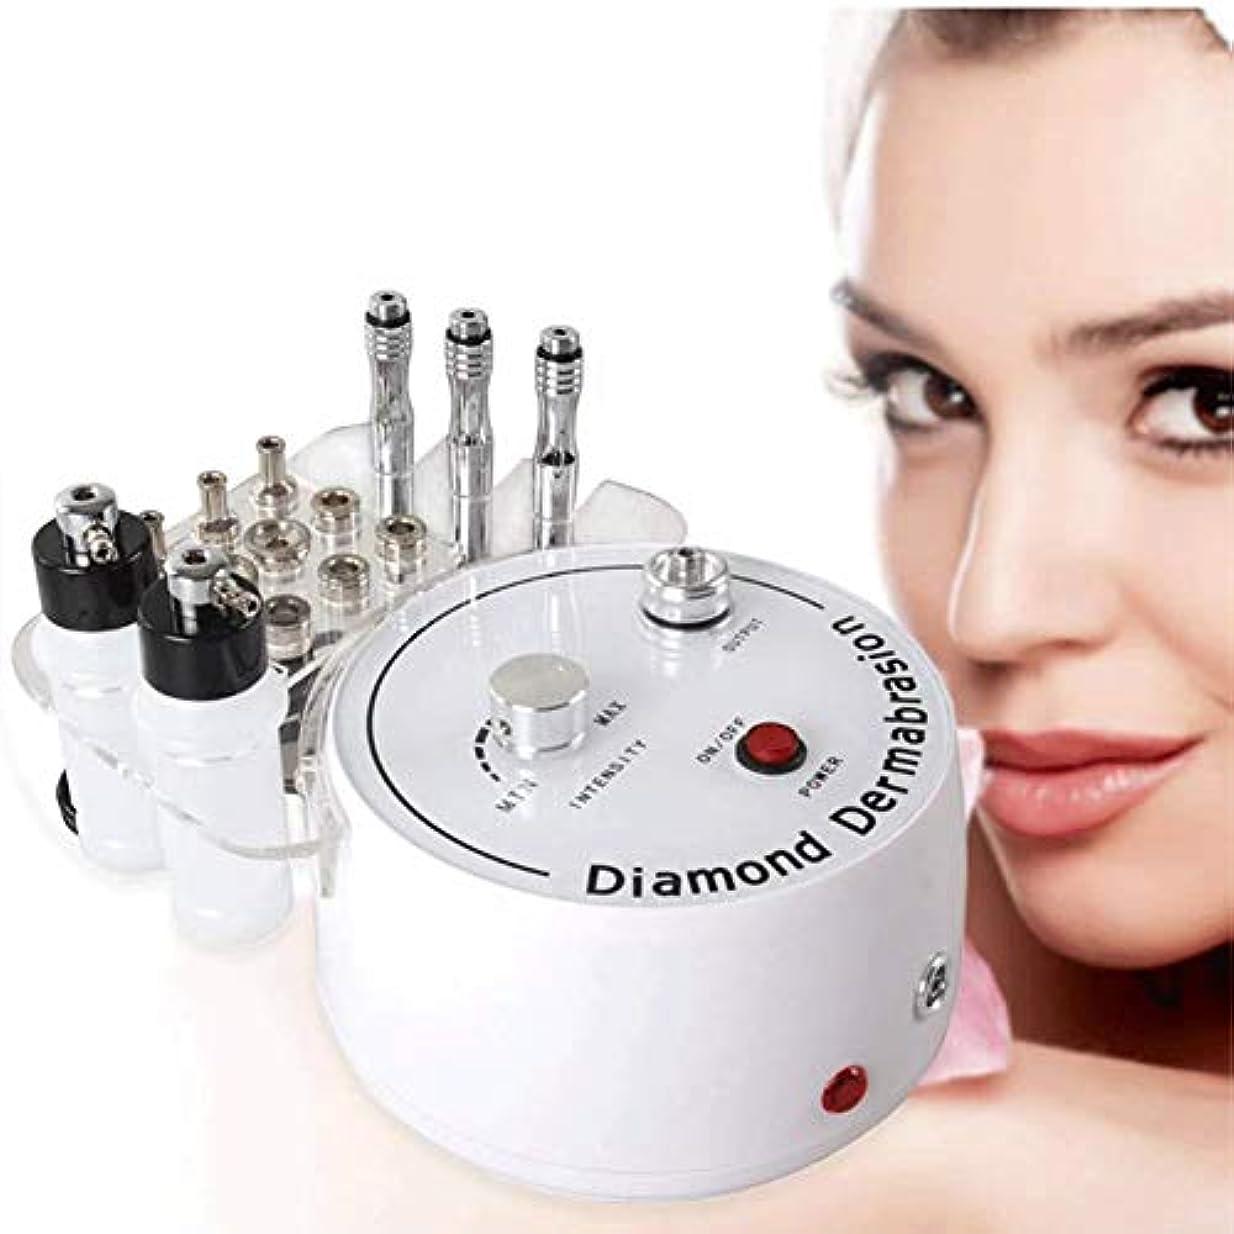 シニススーパーノート美容機、3 In1とダイヤモンドマイクロダーマ皮をむき機の水スプレー剥離皮膚剥離マシン除去リンクル